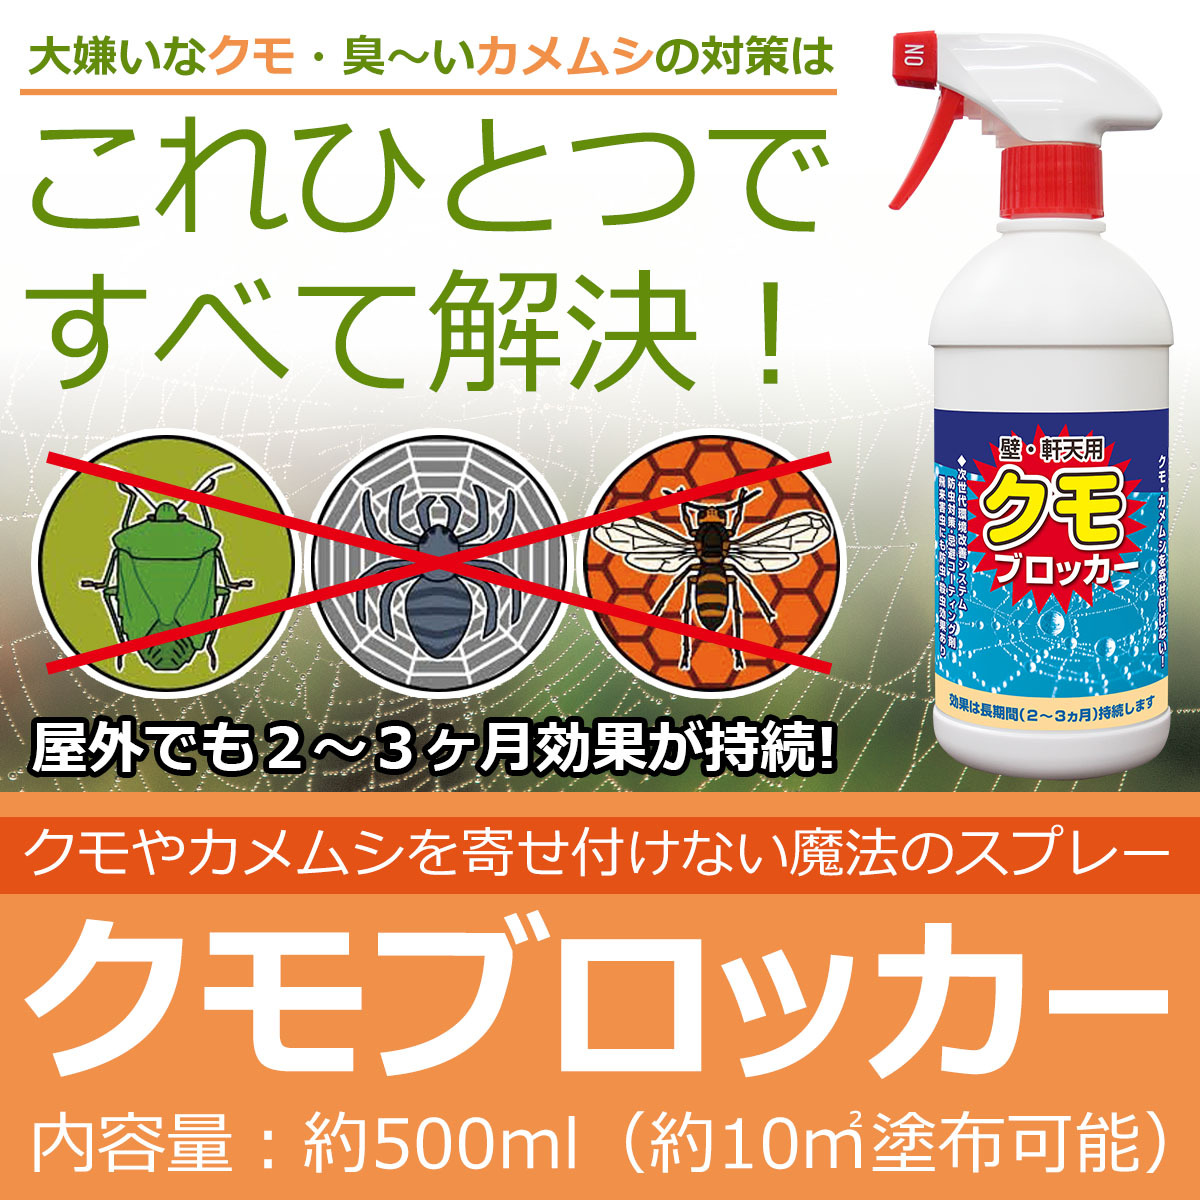 大嫌いなクモ・臭〜いカメムシの対策はこれひとつですべて解決!屋外でも2〜3か月効果が持続!クモやカメムシを寄せ付けない魔法のスプレー クモブロッカー 内容量:約500ml(約10平方メートル塗布可能)